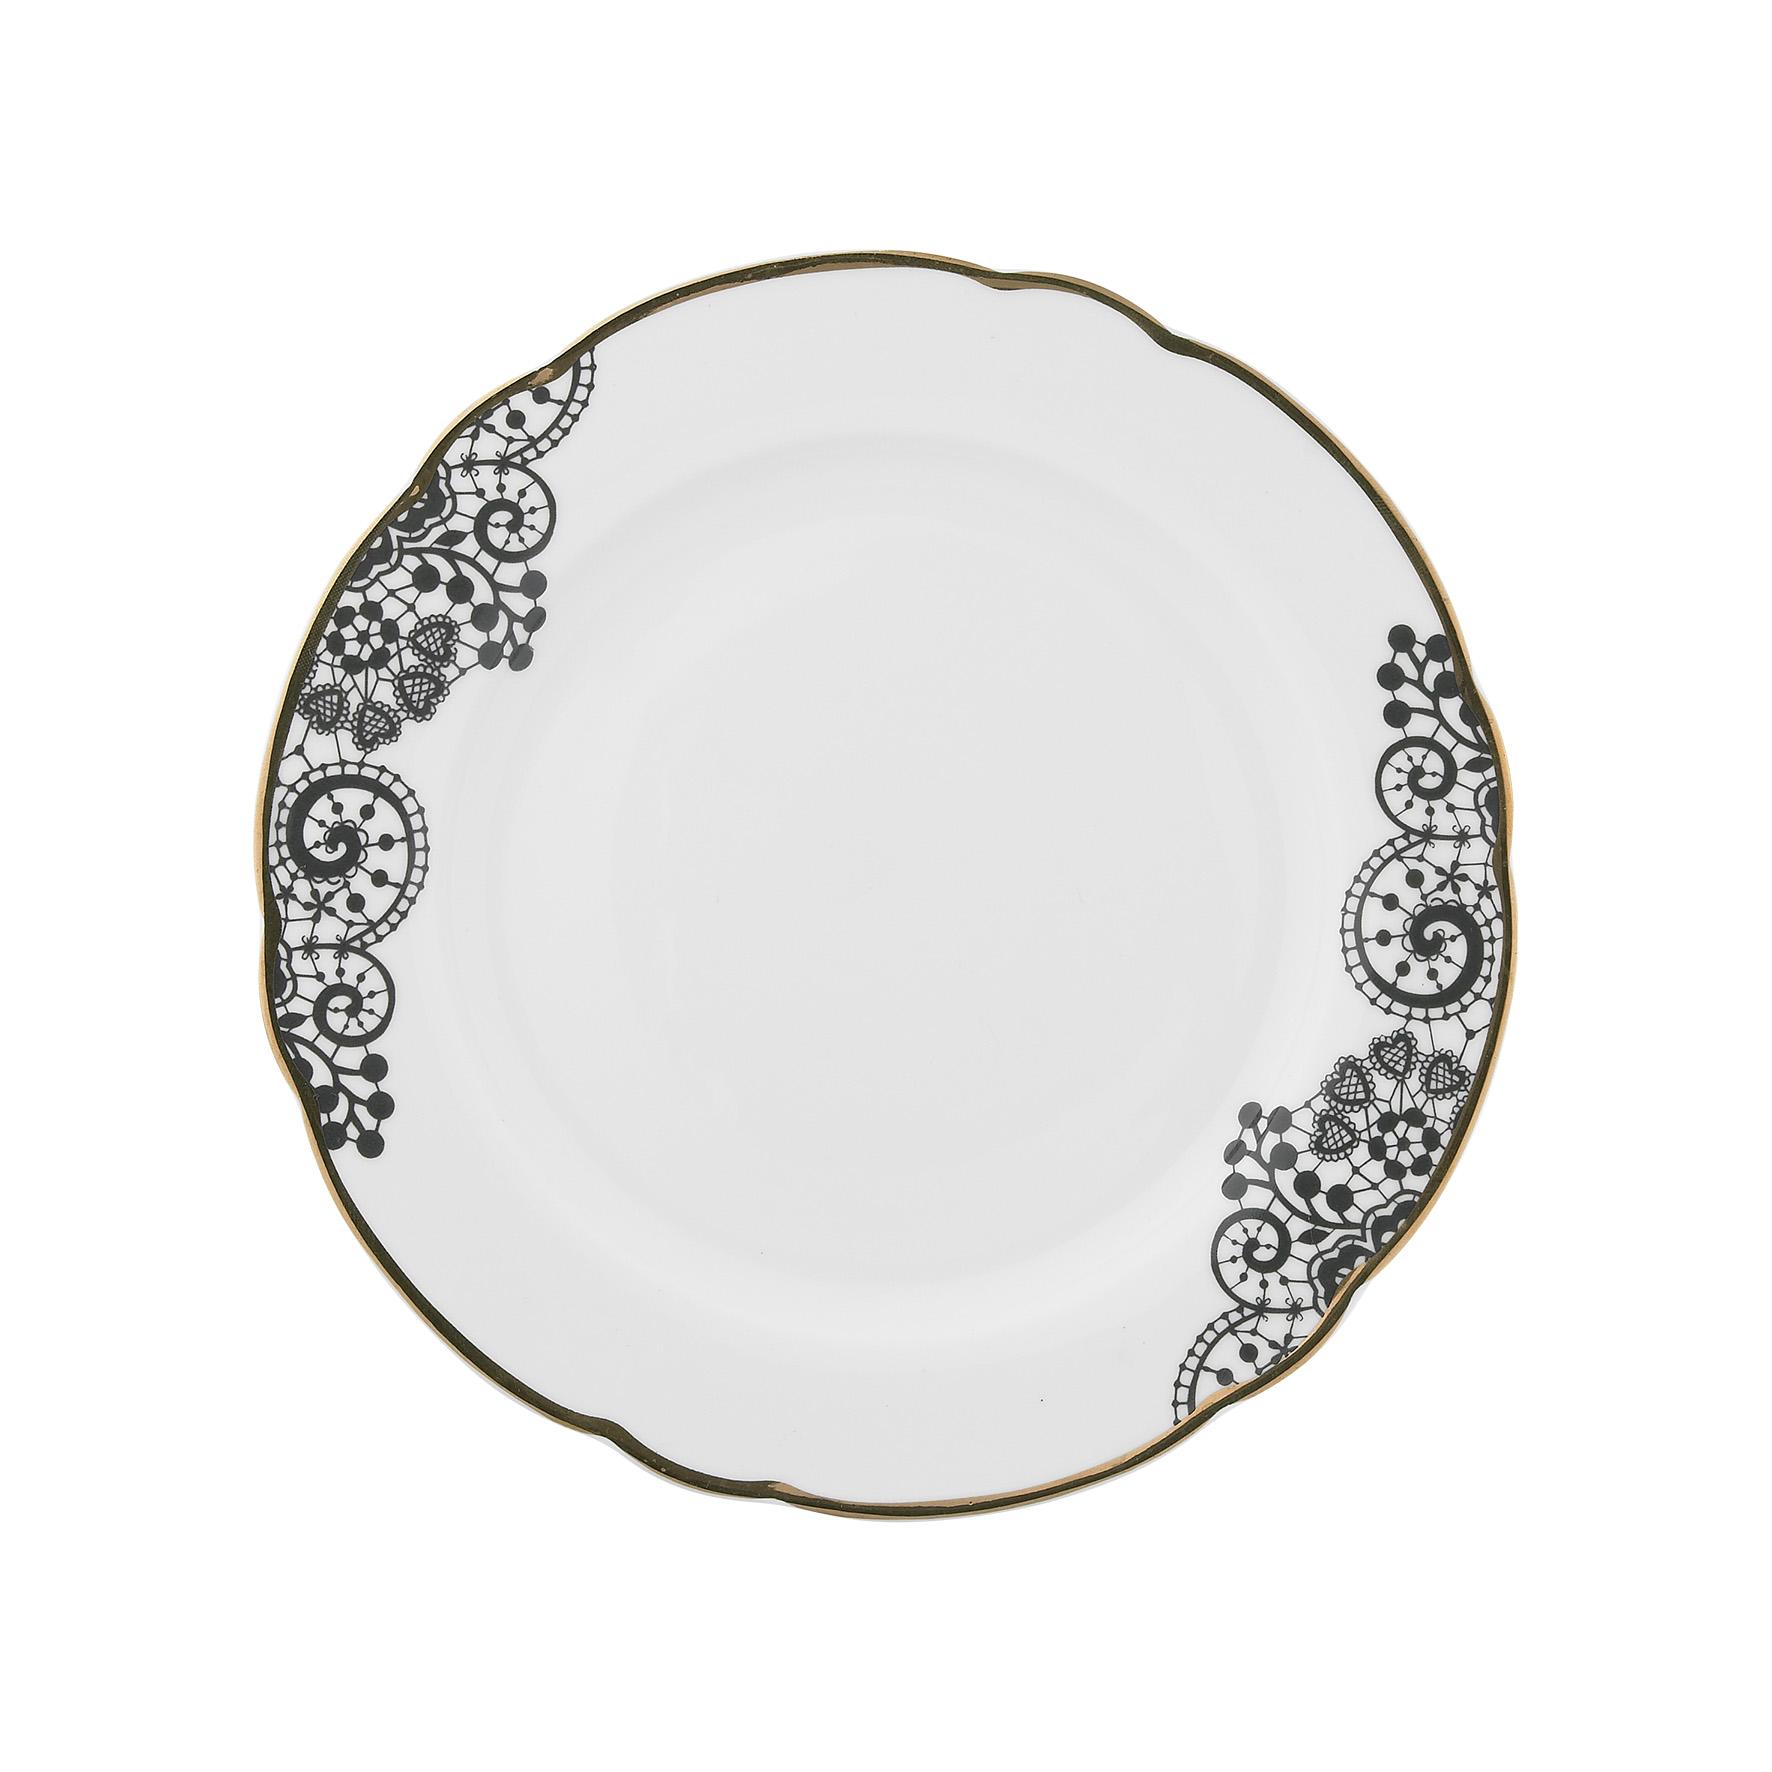 Набор из четырех тарелок MaraisТарелки<br>Набор из четырех тарелок &amp;quot;Marais&amp;quot; с кружевным узором.<br><br>Material: Фарфор<br>Height см: 2<br>Diameter см: 19